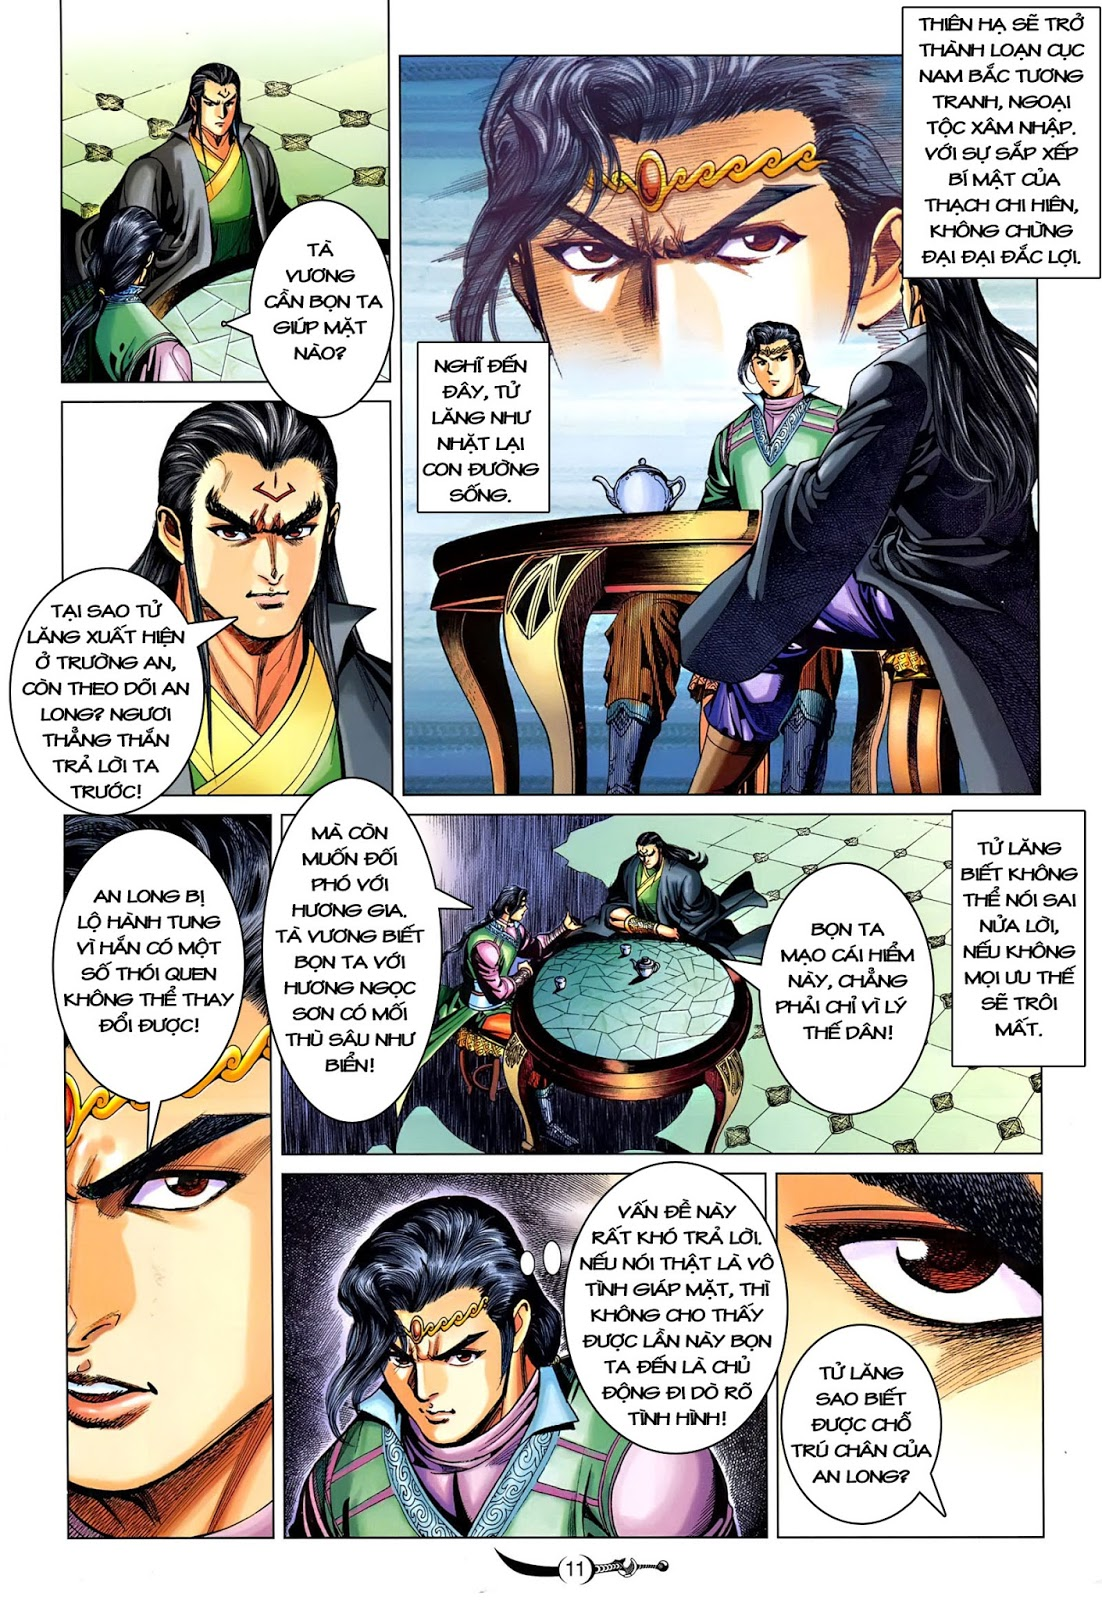 Đại Đường Song Long Truyện chap 216 - Trang 13